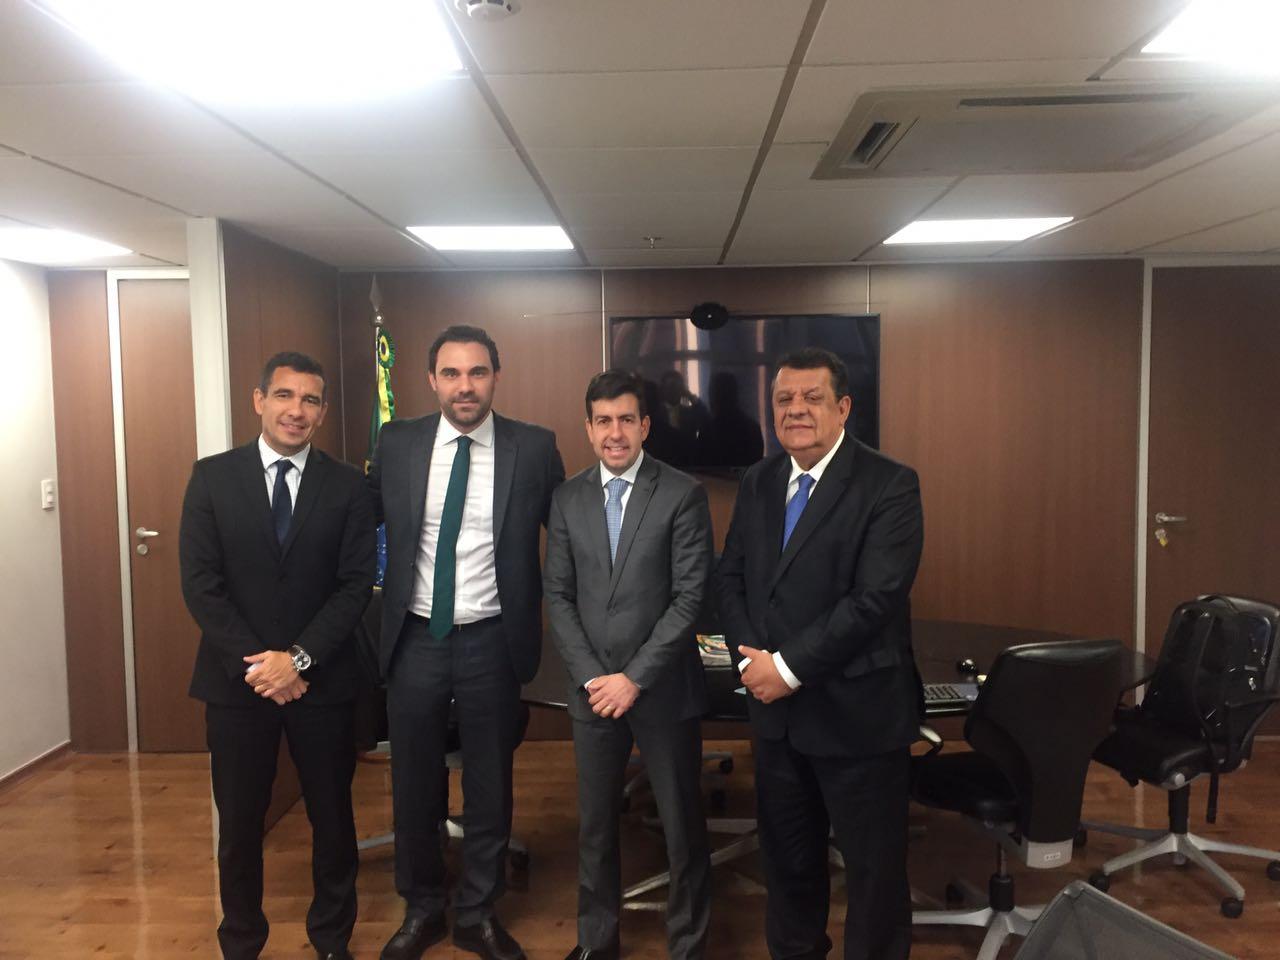 Investimentos na educação é tema de audiência entre prefeito Dinho e presidente do FNDE, em Brasília